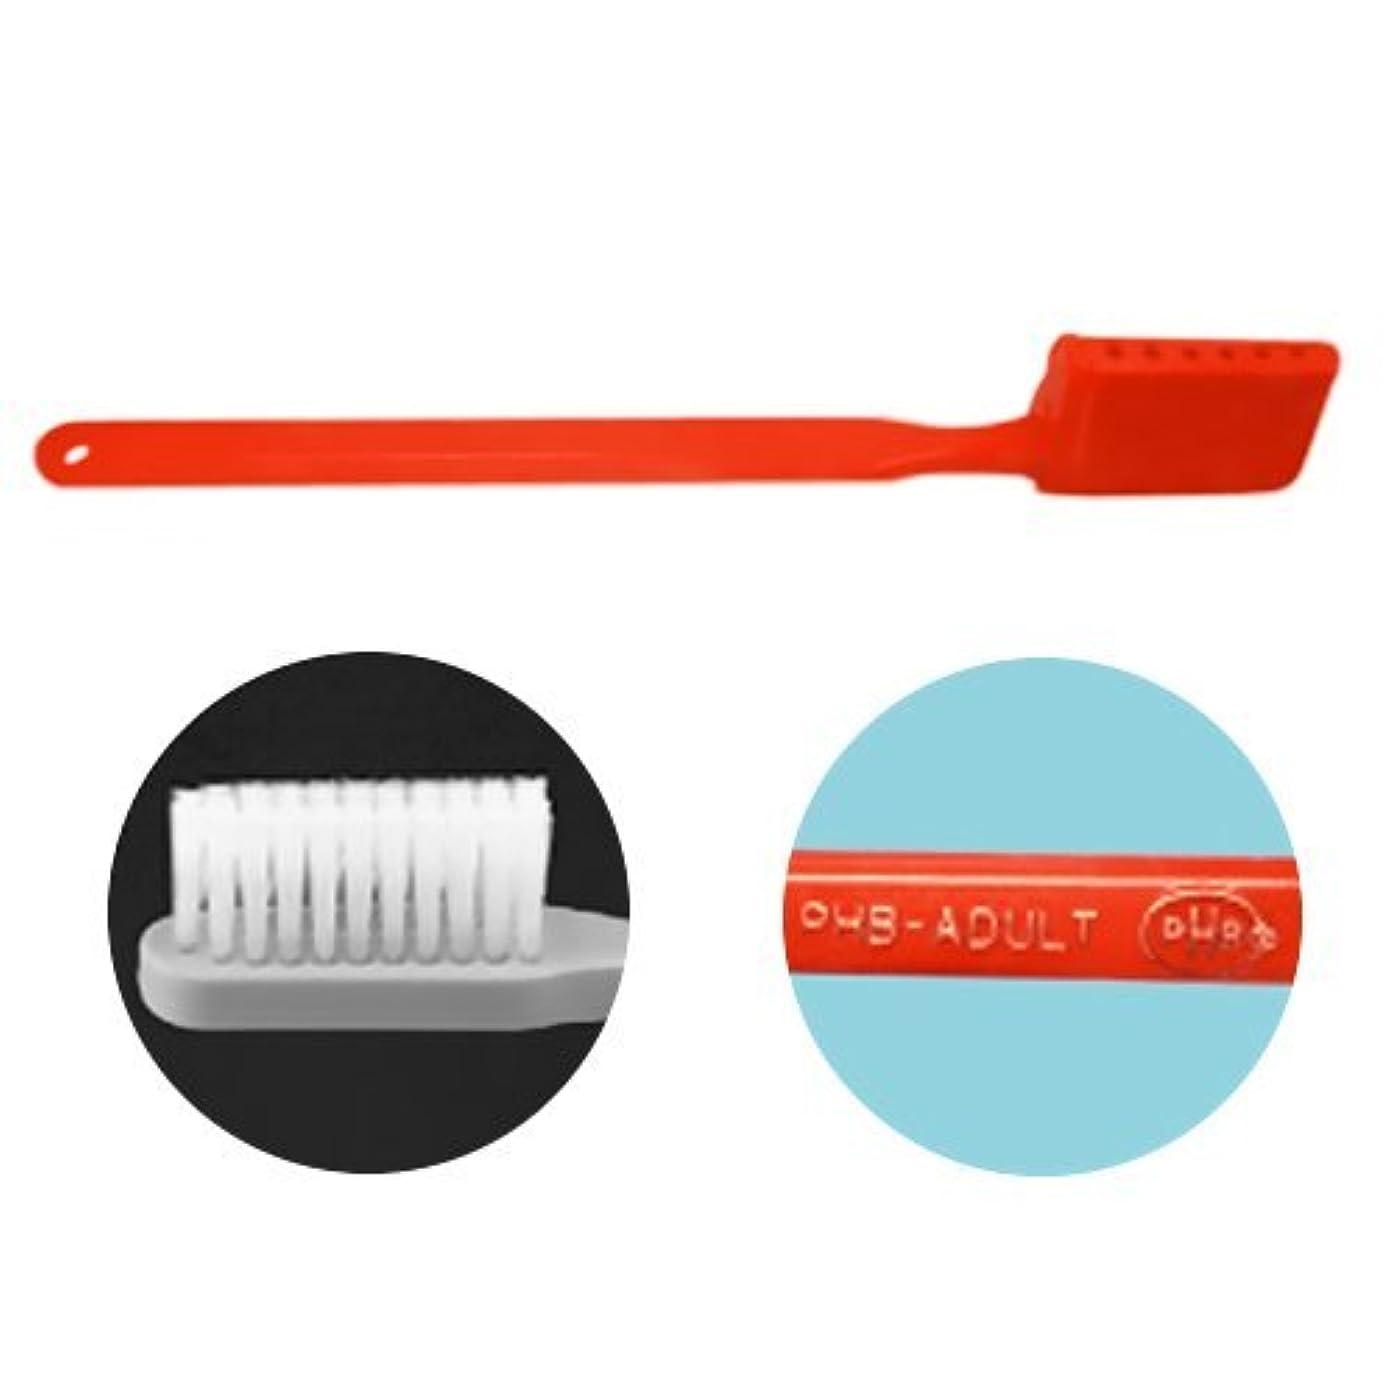 伝染性神経障害試験PHB 歯ブラシ アダルトサイズ 1本 ネオンオレンジ